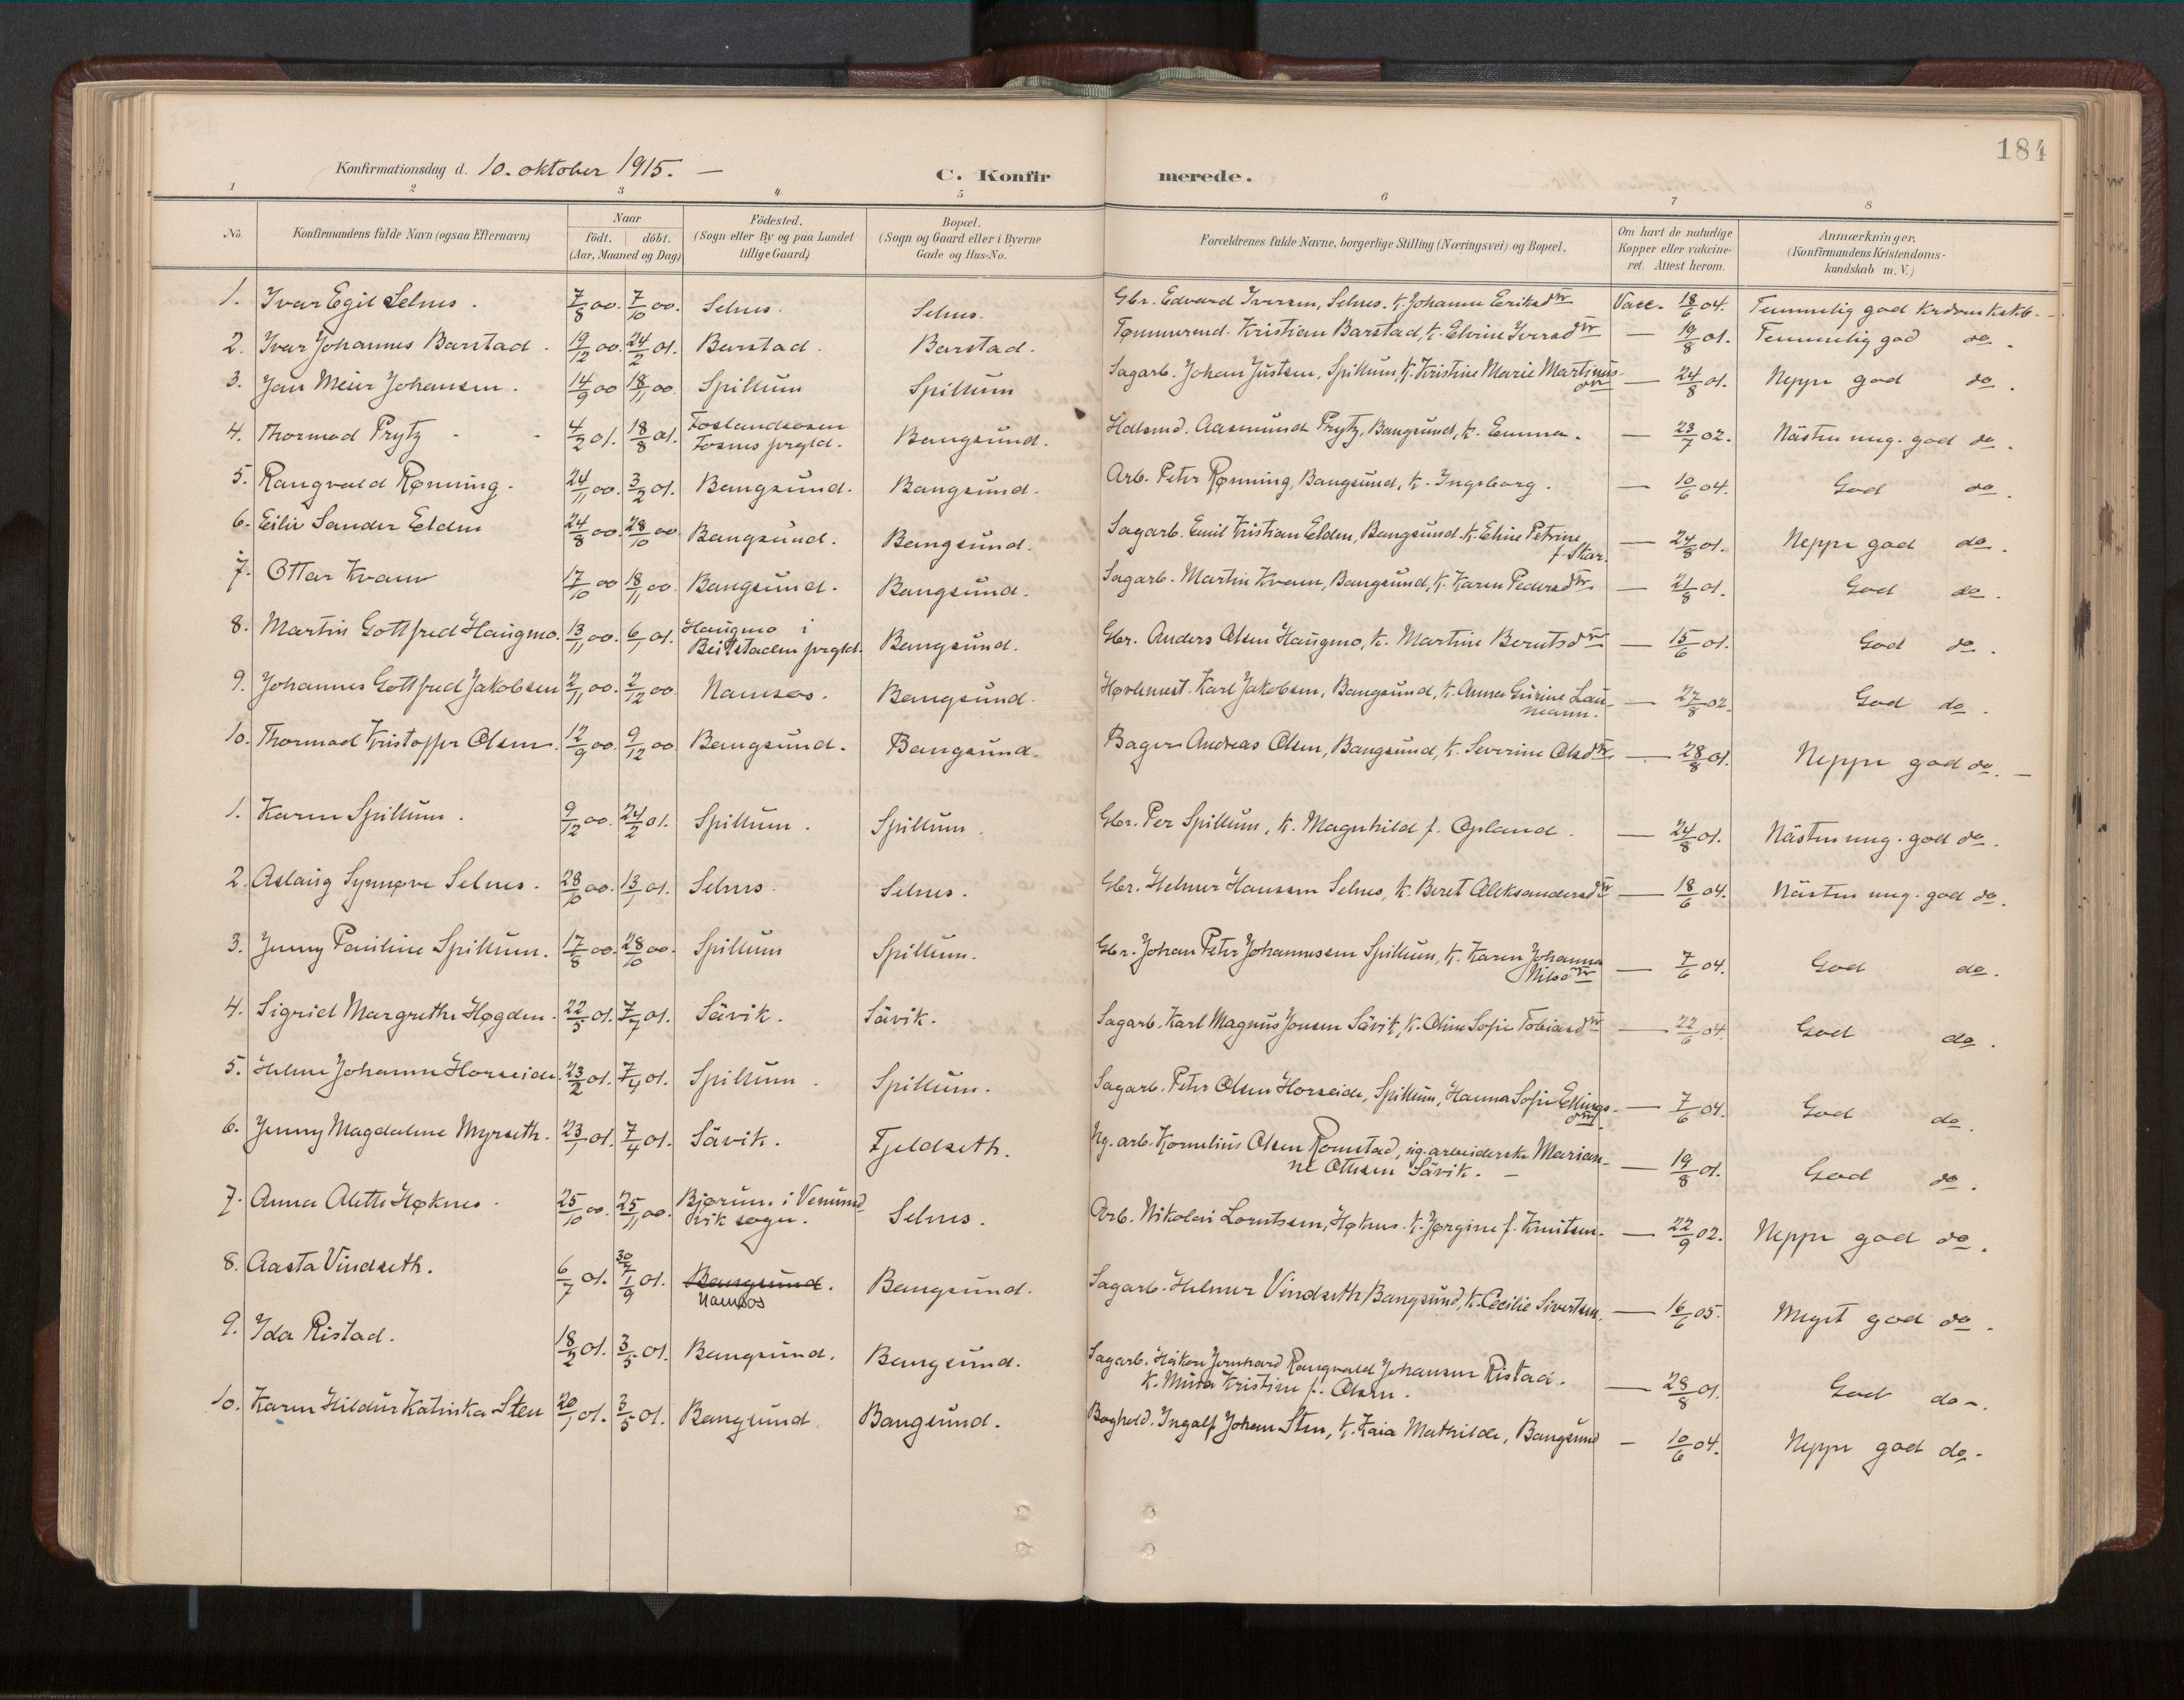 SAT, Ministerialprotokoller, klokkerbøker og fødselsregistre - Nord-Trøndelag, 770/L0589: Ministerialbok nr. 770A03, 1887-1929, s. 184